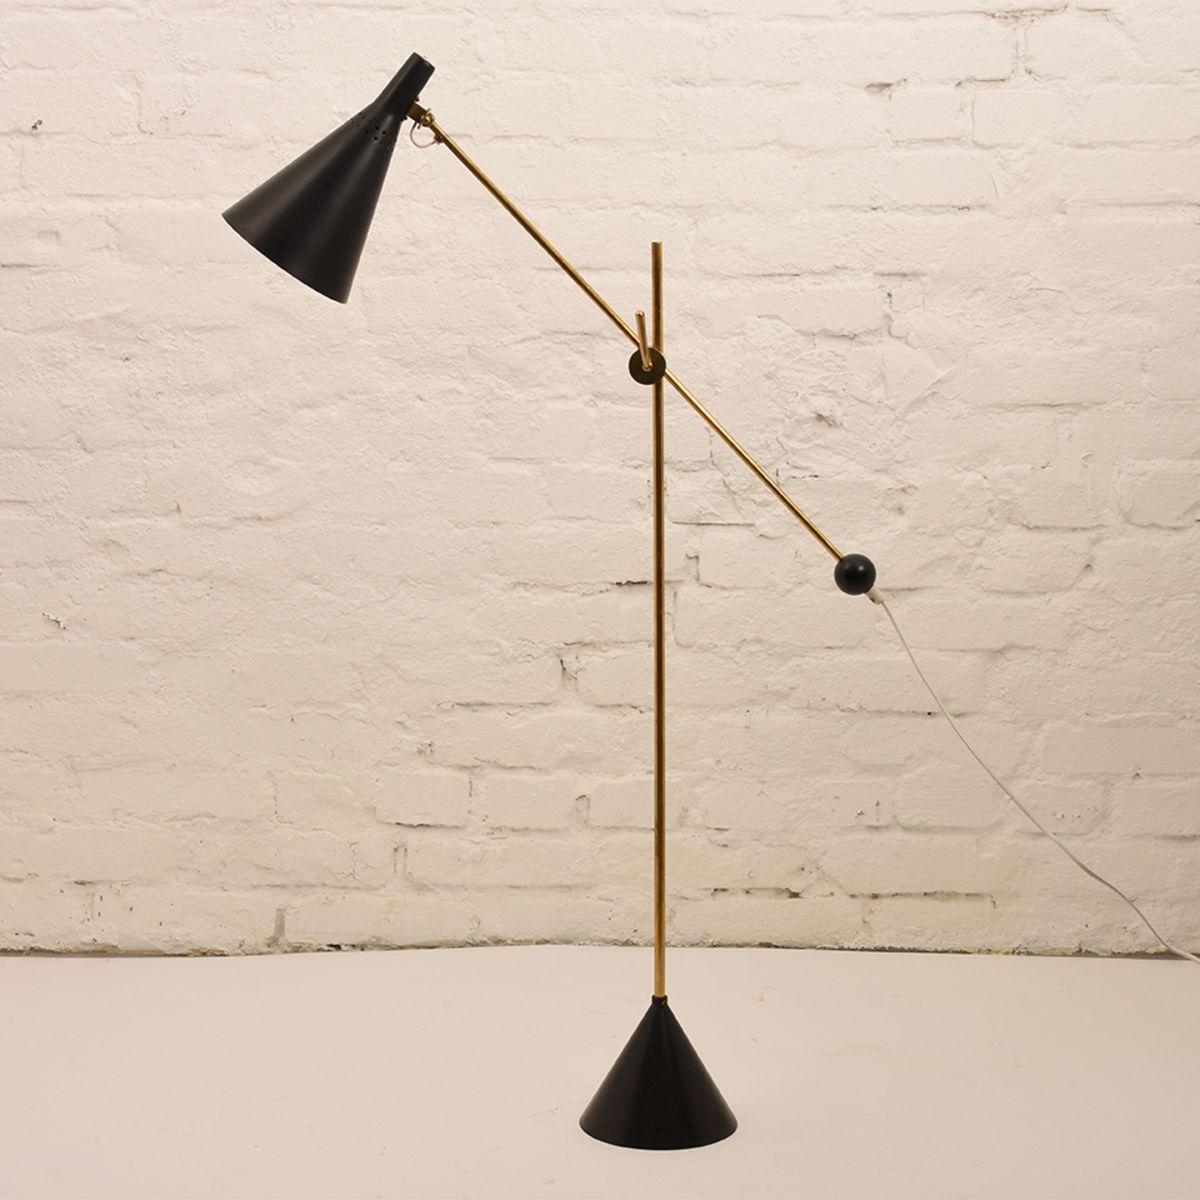 Tapio-Wirkkala_Idman-Floor-Lamp_01